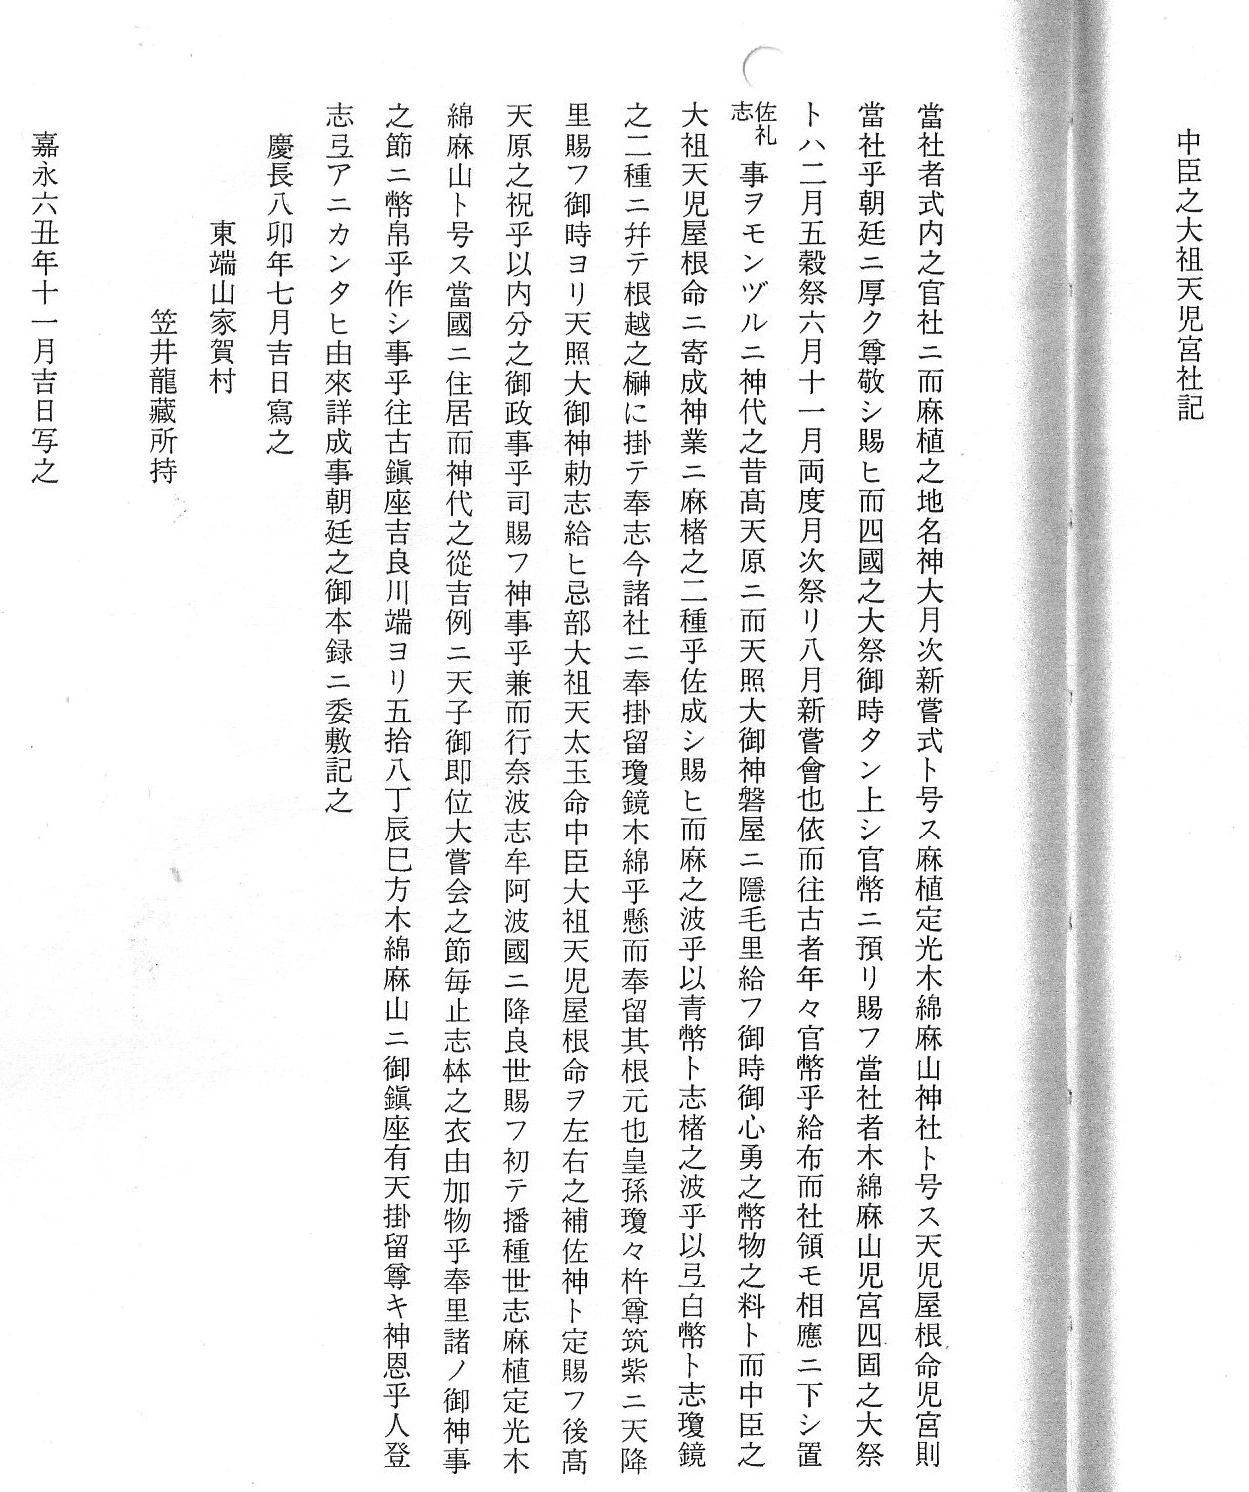 ぐーたら気延日記(重箱の隅): 備忘録:つるぎ町貞光「児宮神社」